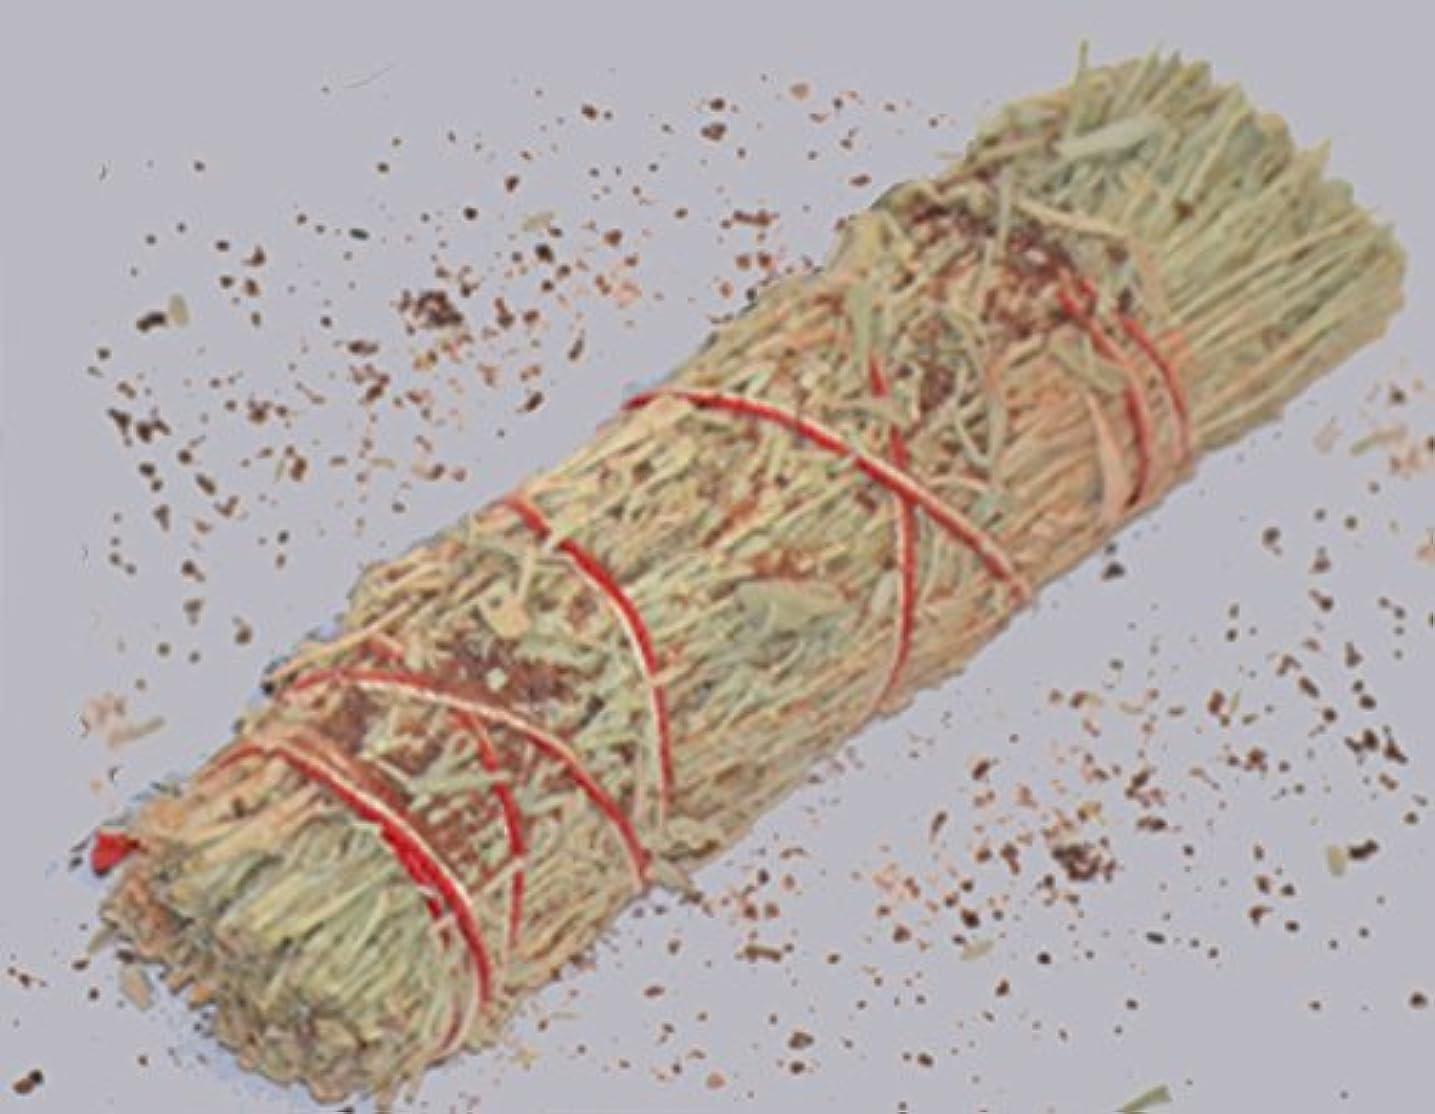 ねじれアルファベットヘッジ3 – 4インチDragon 's Blood樹脂と山セージWand Smudgeバンドルクレンジング。Smudging、ハーブ、ウィッカ、Native American Sold by Sacred Tiger